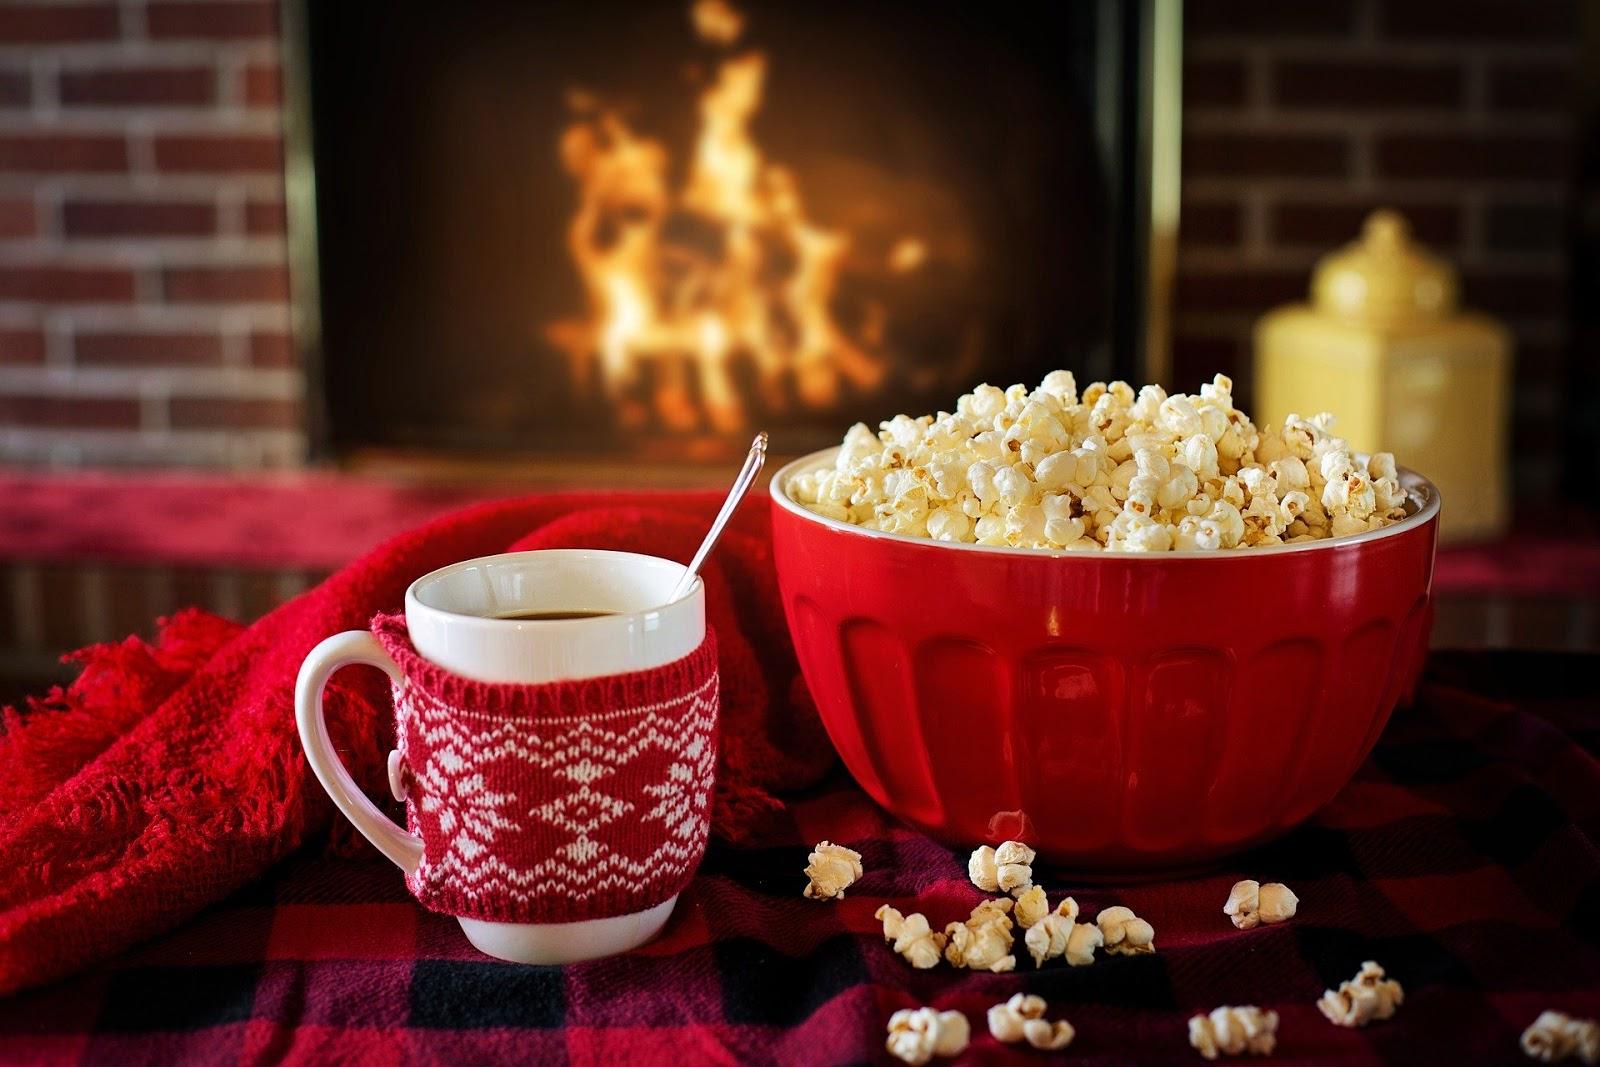 Filmes natalinos